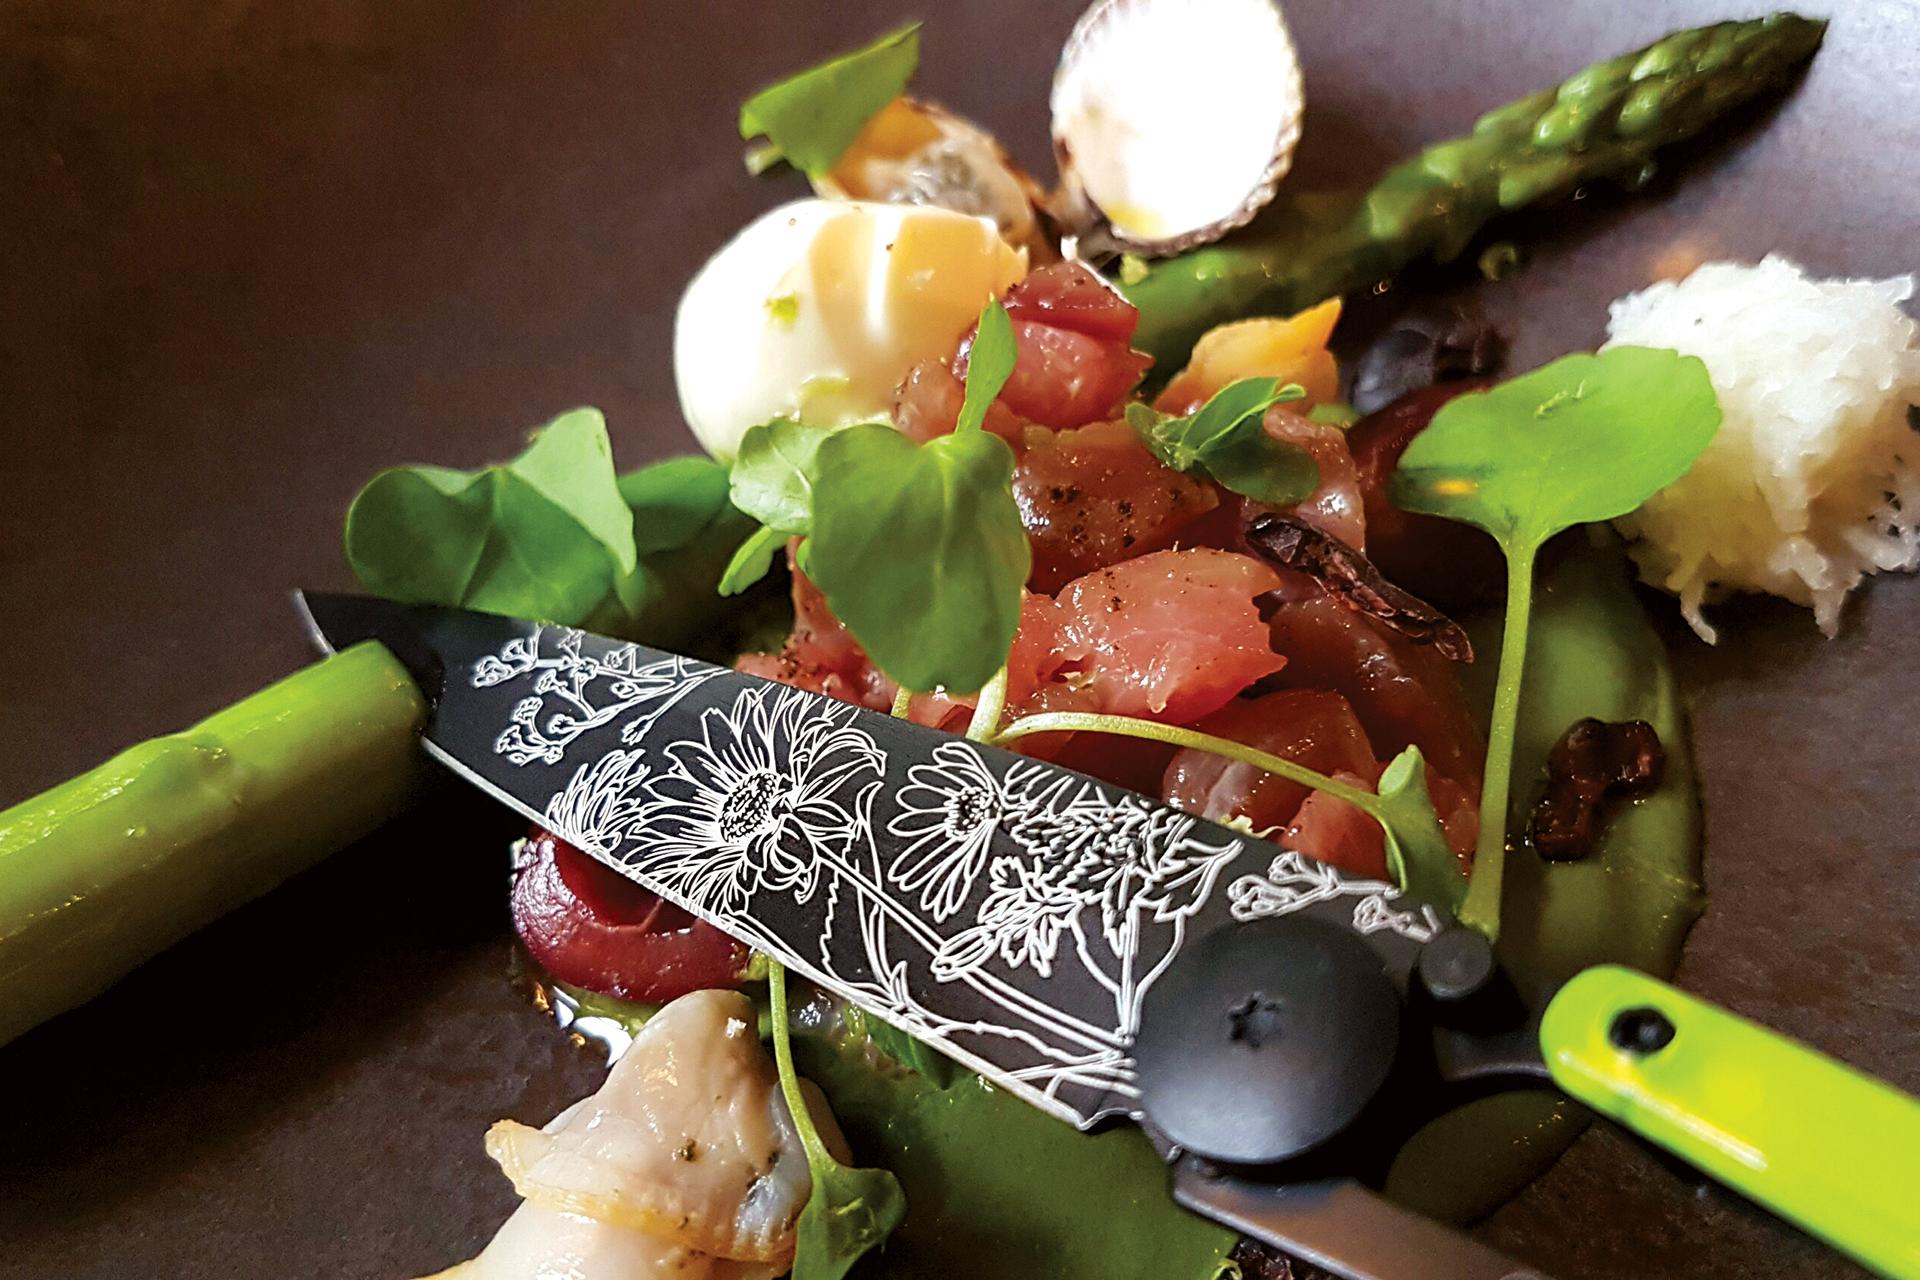 Gemüse lässt sich mit einem deejo ebenso gut schneiden wie Fisch